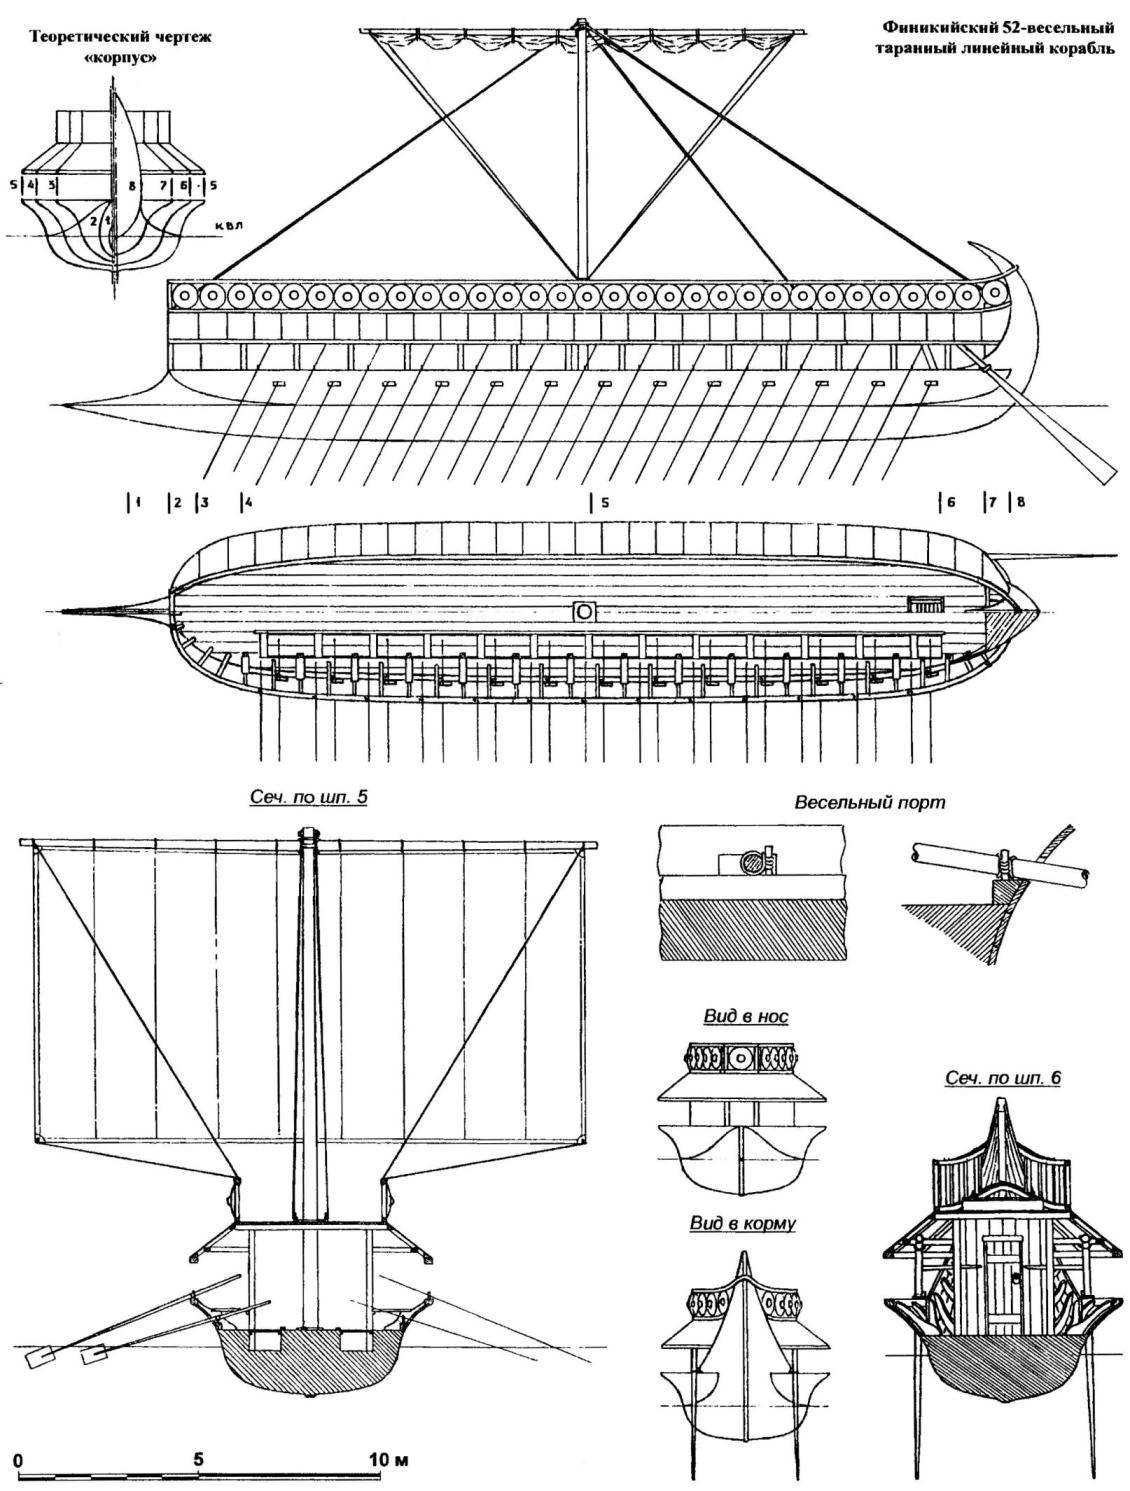 Финикийский 52-весельный таранный линейный корабль